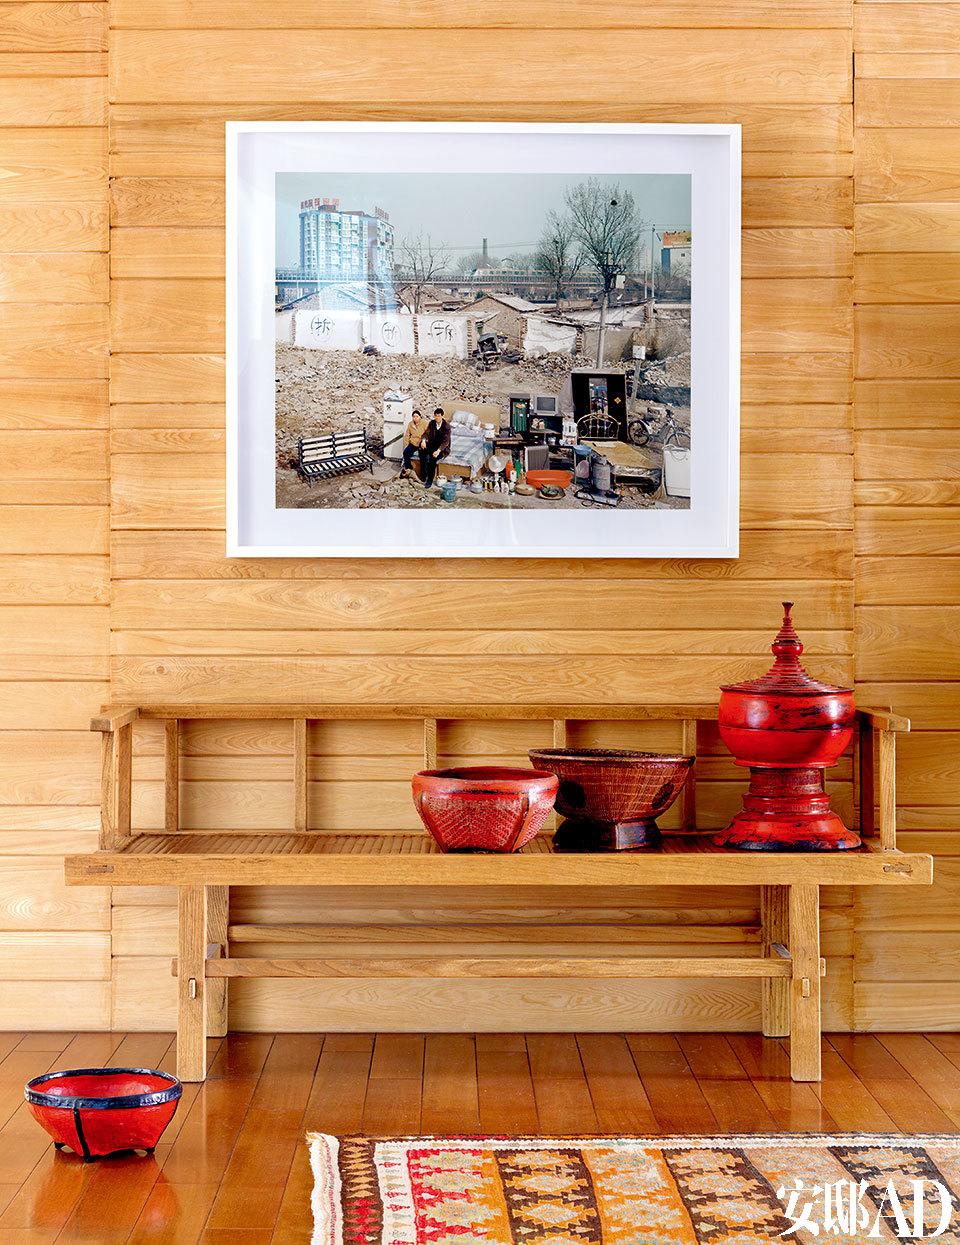 """黄庆军的《家当》,平静地展现着一个时代的标志性画面,Tanja将它摆在家里,也成了自己的一段中国记忆。入口处附近,一只中式竹质长凳来自新加坡一家专门贩售中式古董的China Collection公司,3只红色小筐和一只佛教贡盒都来自缅甸。木饰面墙上的照片是黄庆军拍摄的""""家当""""系列中的一幅作品。"""